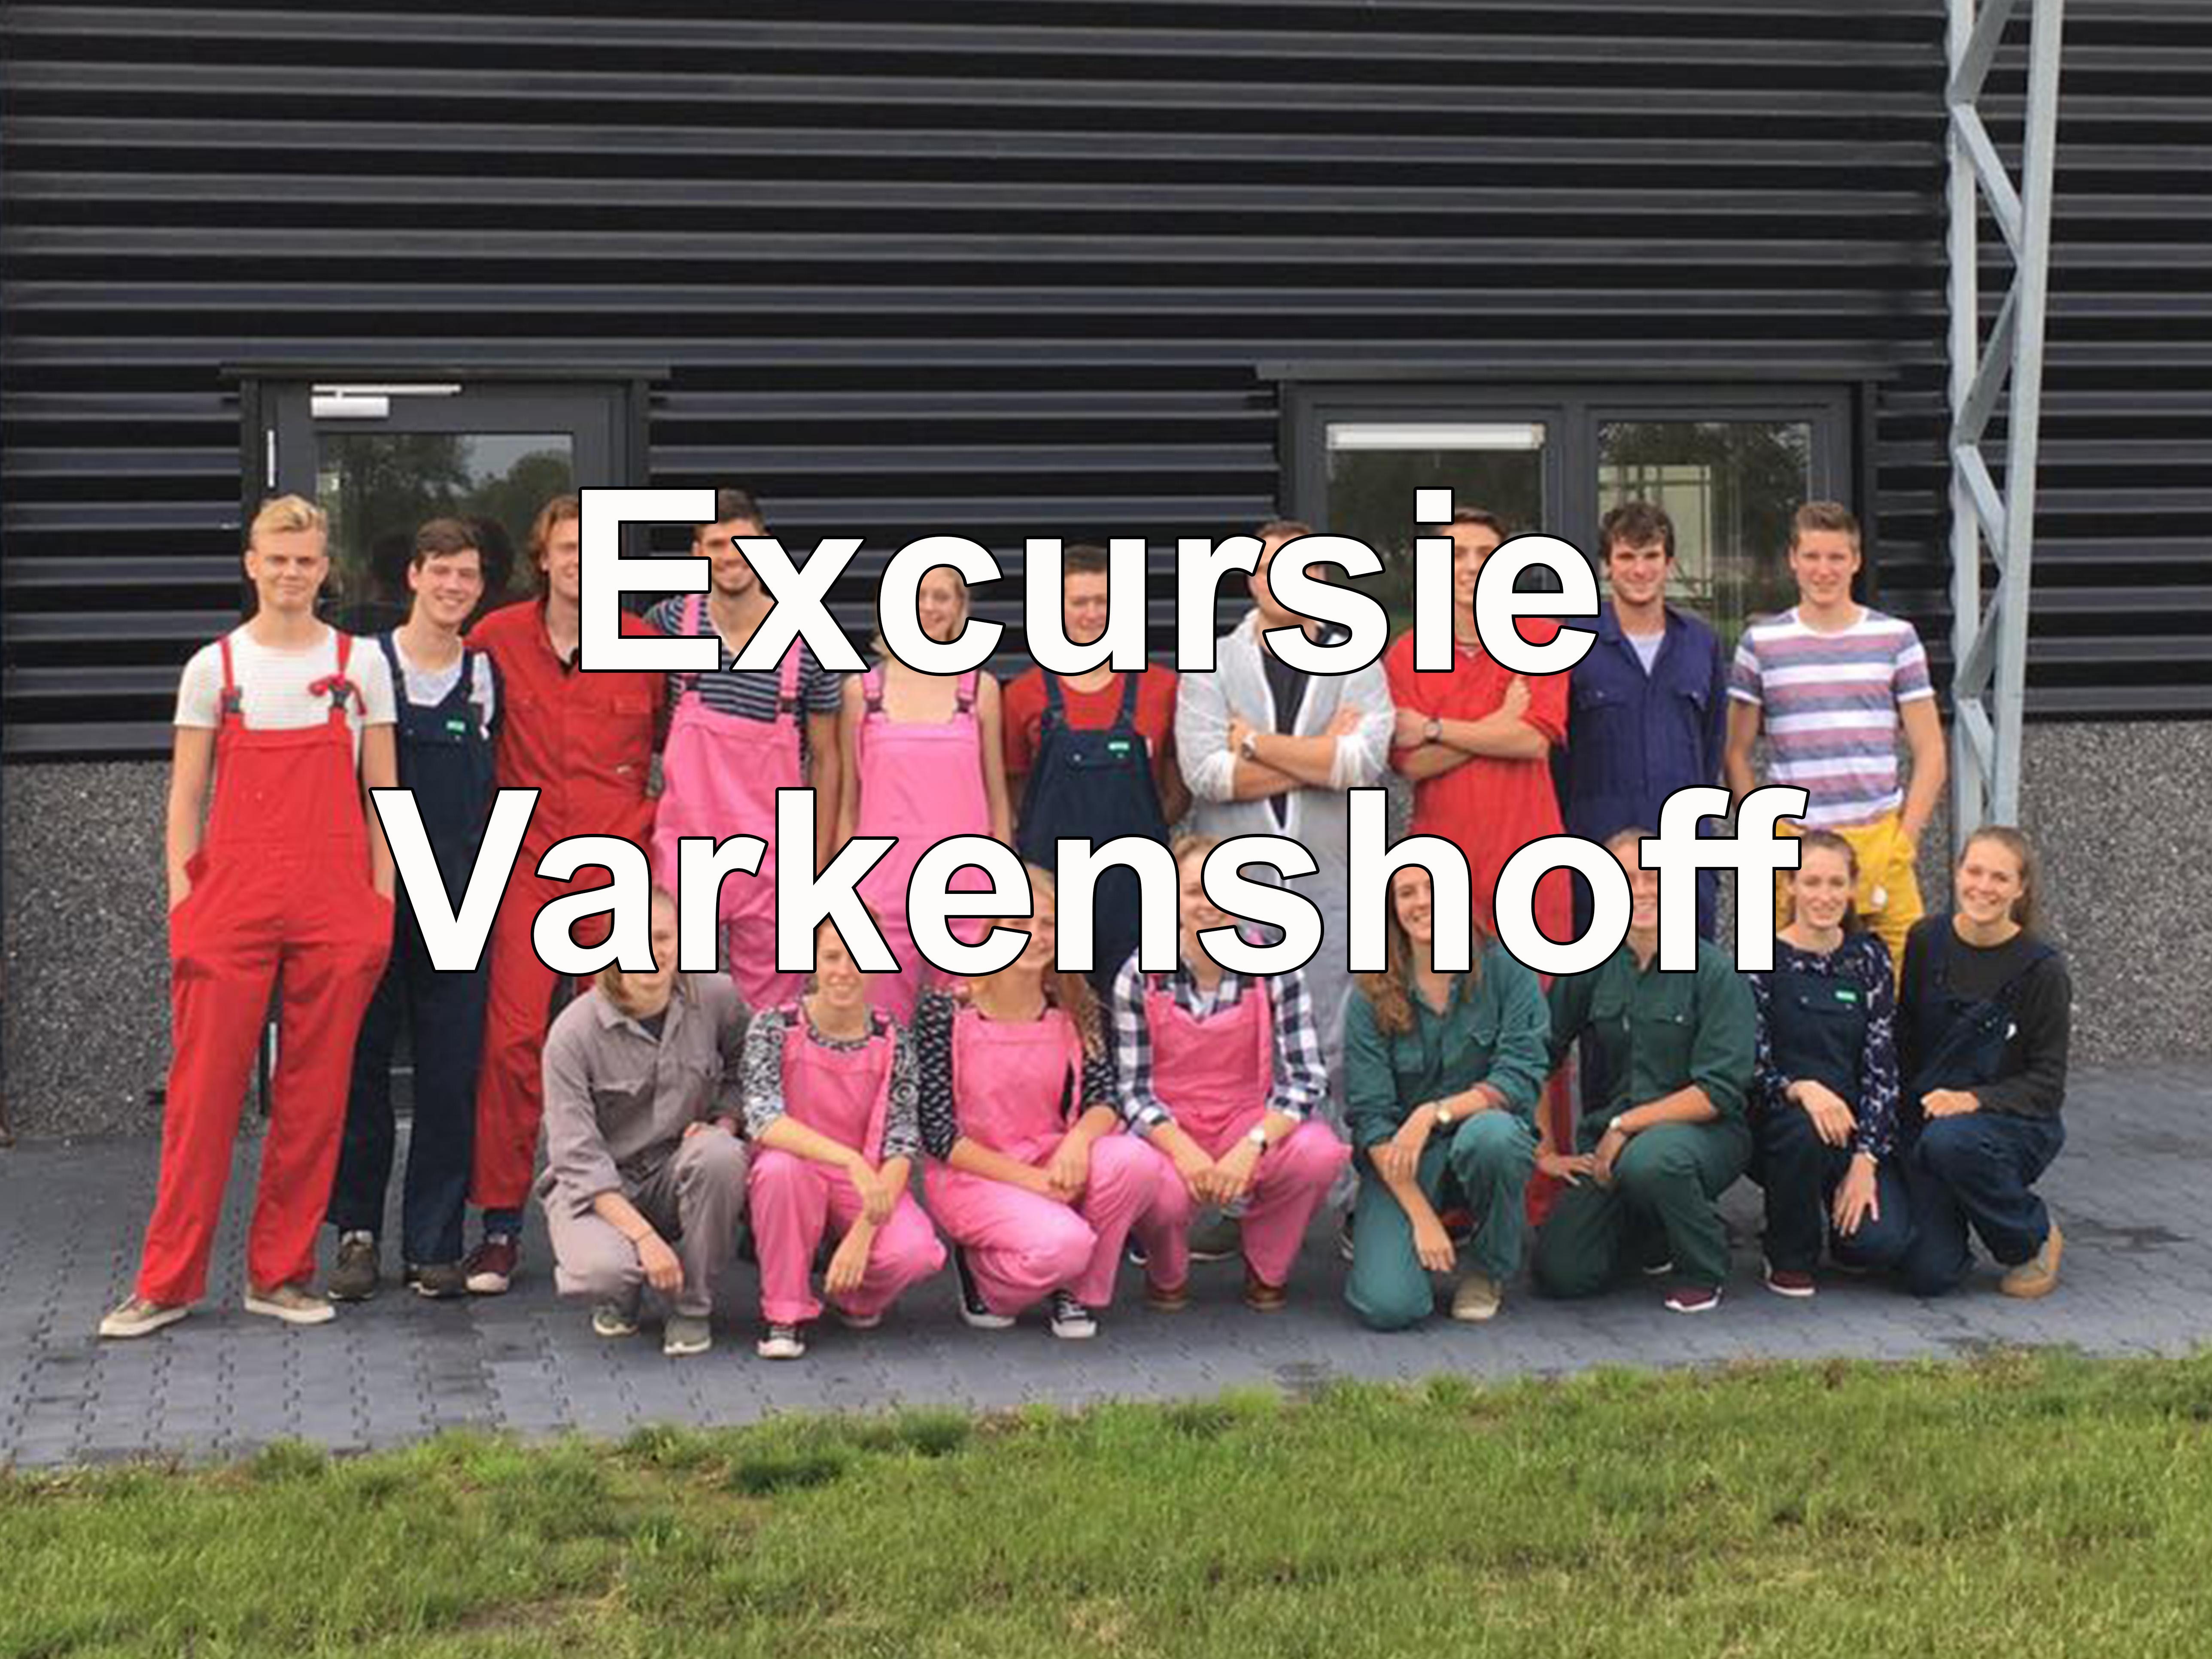 Varkenshoff excursie